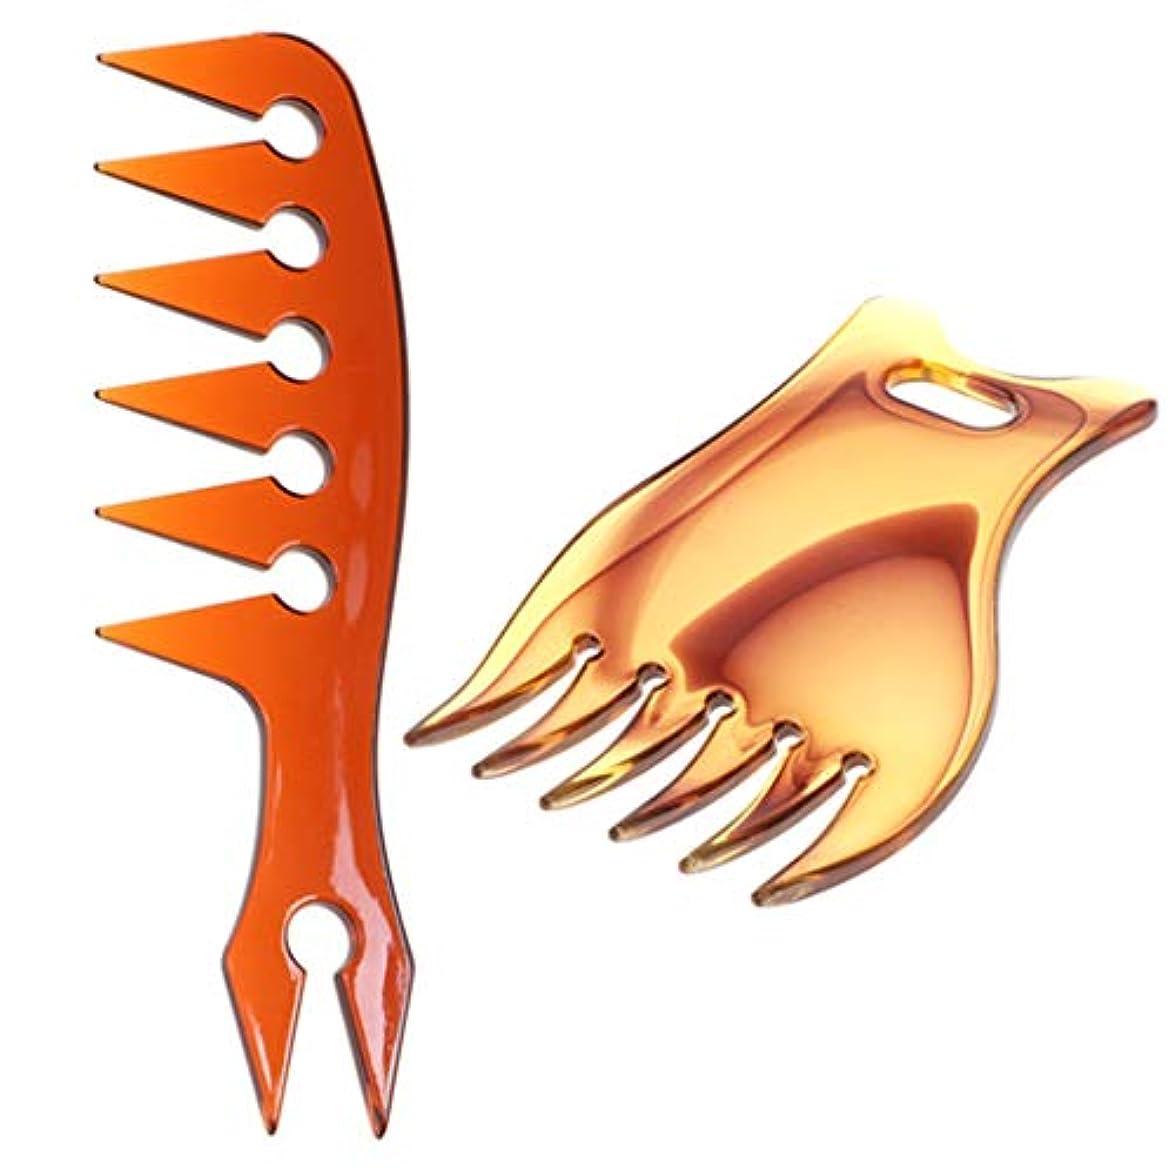 シャッフル広い貫通するToygogo ヘアコーム 荒目 広い歯 もつれ防ぐ ワイドトゥース デタングルコーム プラスチック 帯電防止